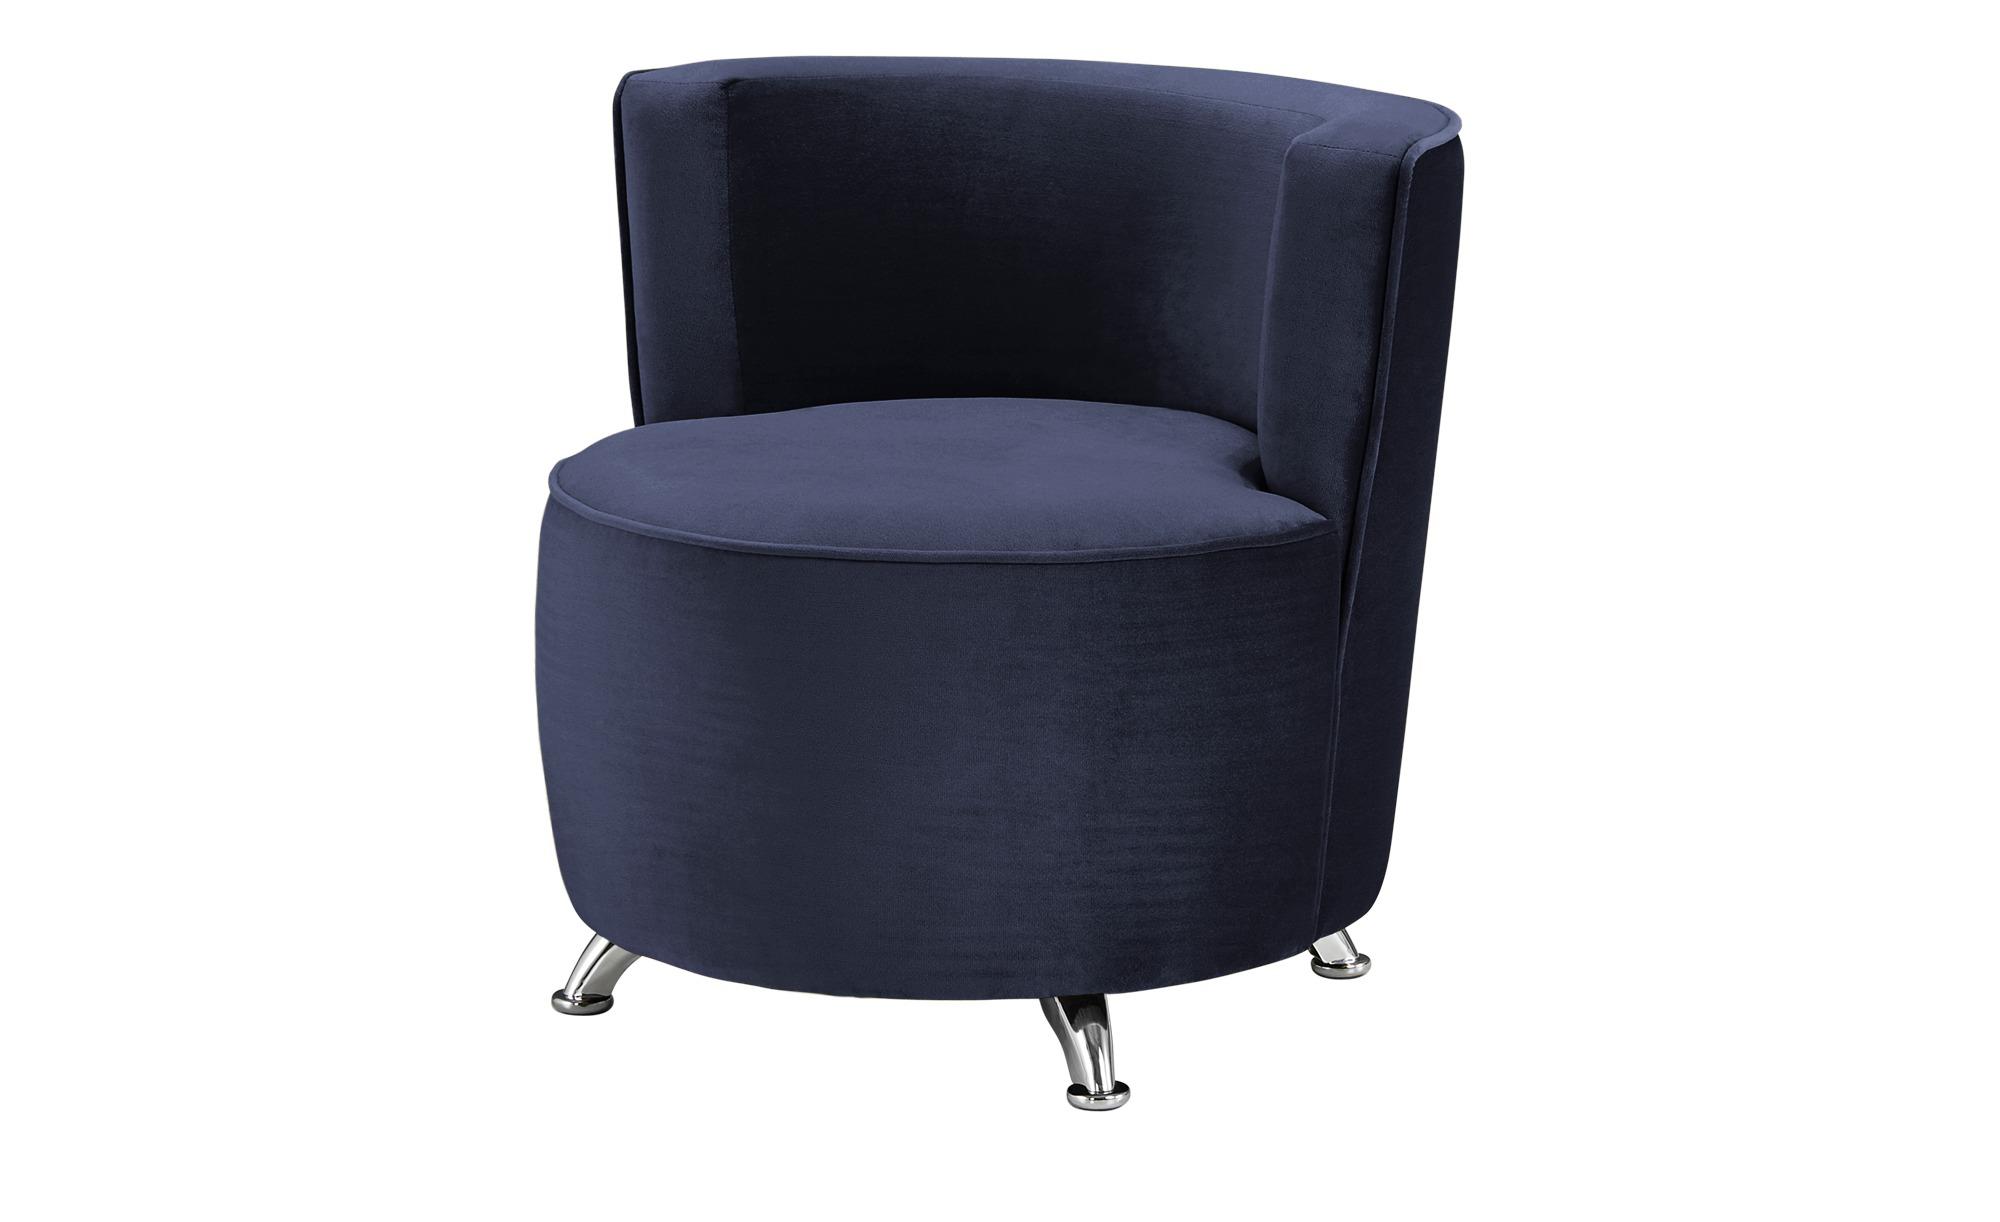 smart Sessel blau - Stoff Baby ¦ blau ¦ Maße (cm): B: 76 H: 71 T: 74 Polstermöbel > Sessel > Polstersessel - Höffner